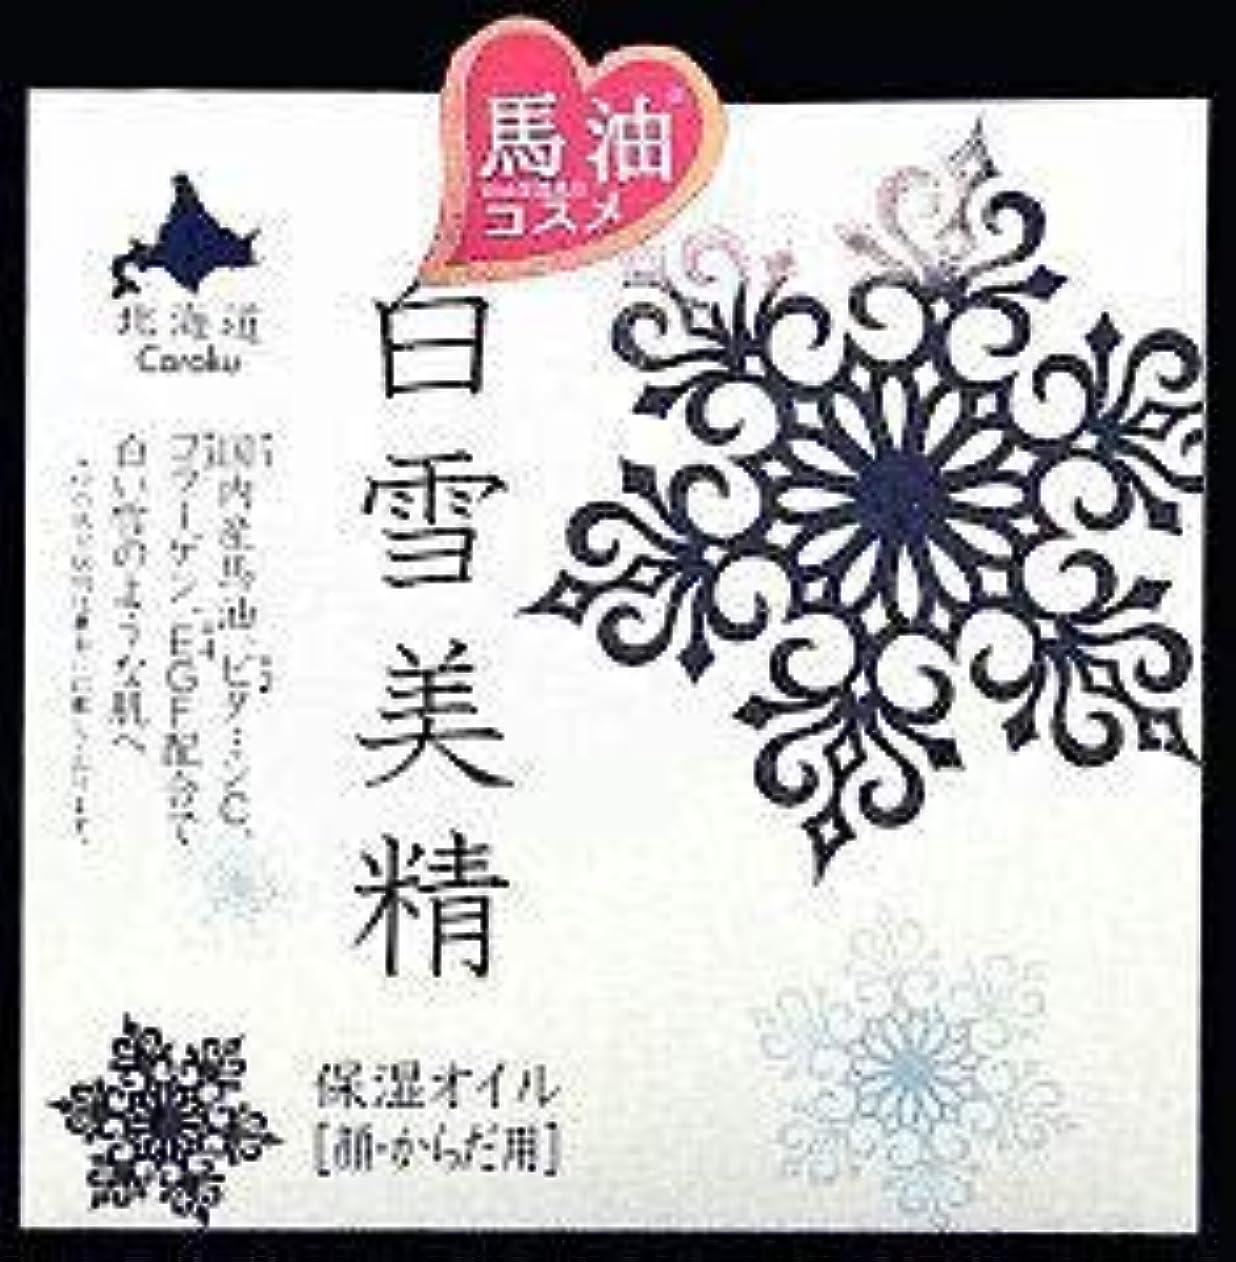 進むアマチュア原理◆【Coroku】保湿オイル◆白雪美精(顔?からだ用) 90ml◆